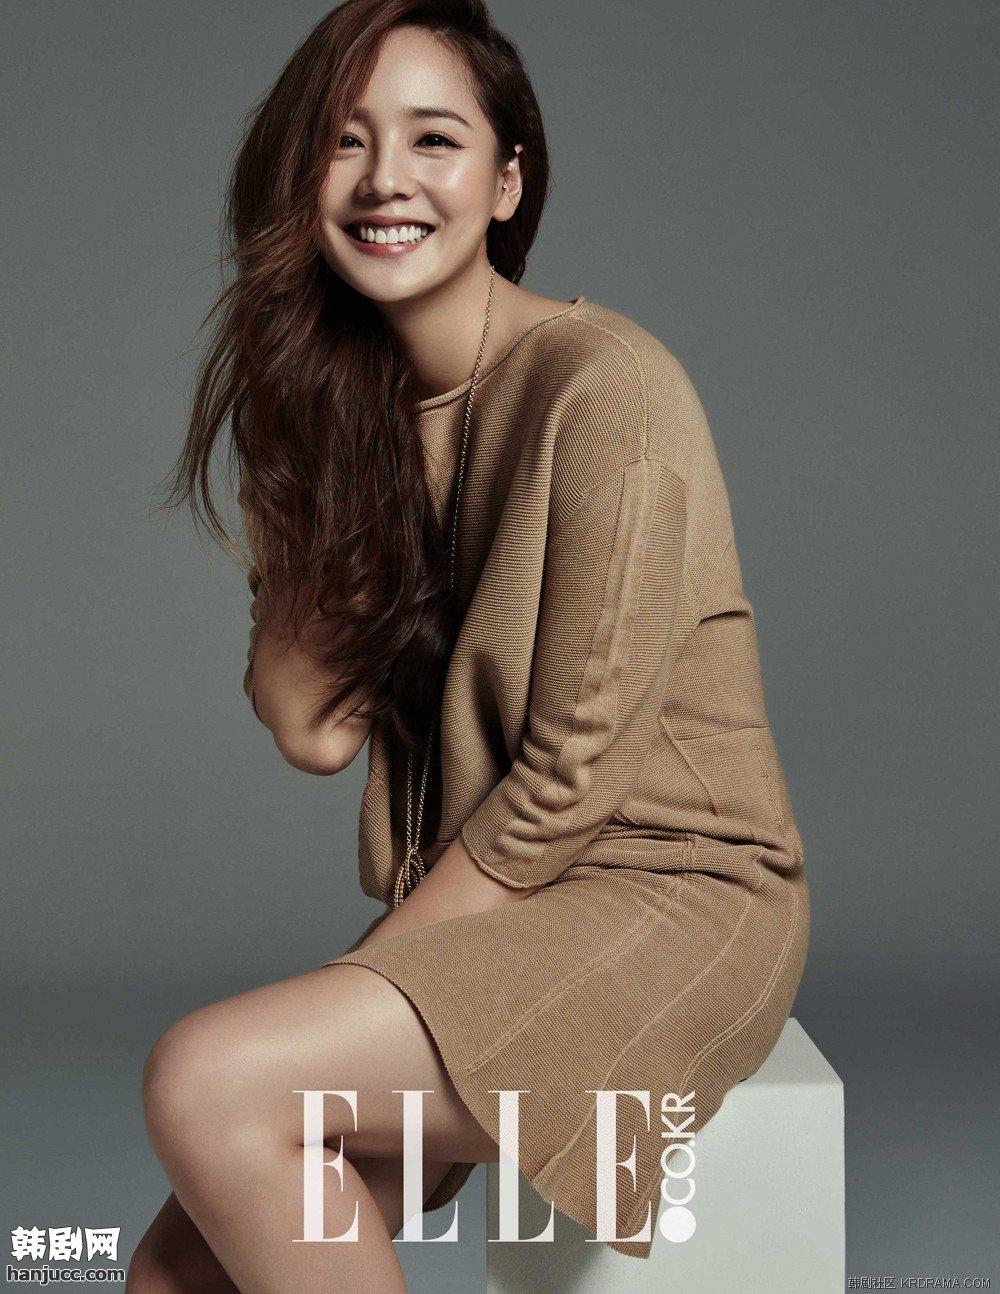 Eugene (Kim Yoo Jin), sinh năm 1981, debut năm 1997. Cô là thành viên nhóm nữ S.E.S kiêm diễn viên, người mẫu quảng cáo. Eugene là mỹ nhân nổi tiếng của làng giải trí Hàn Quốc trong thập niên 90 của thế kỷ trước. Đến nay, nhiều khán giả Hàn vẫn cho rằng Kpop sẽ không bao giờ tìm được một gương mặt hoàn hảo như Eugene - visual tường thành trong lòng người hâm mộ.